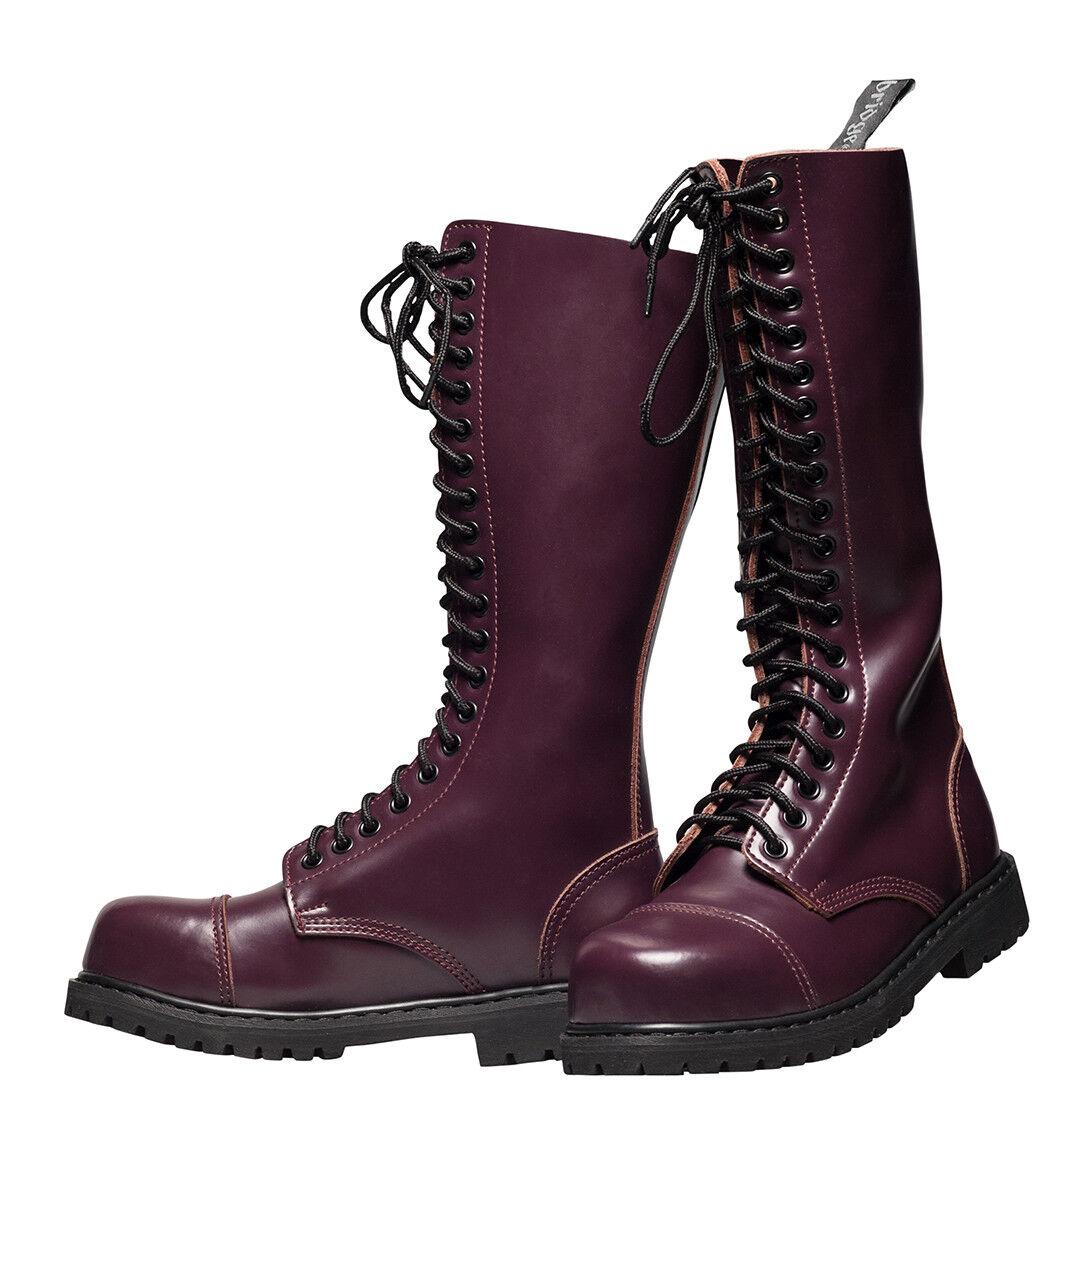 20 fori Ranger Boots Combattimento Stivali Stivali Springer Rangers Bordeaux Rosso Vinaccia